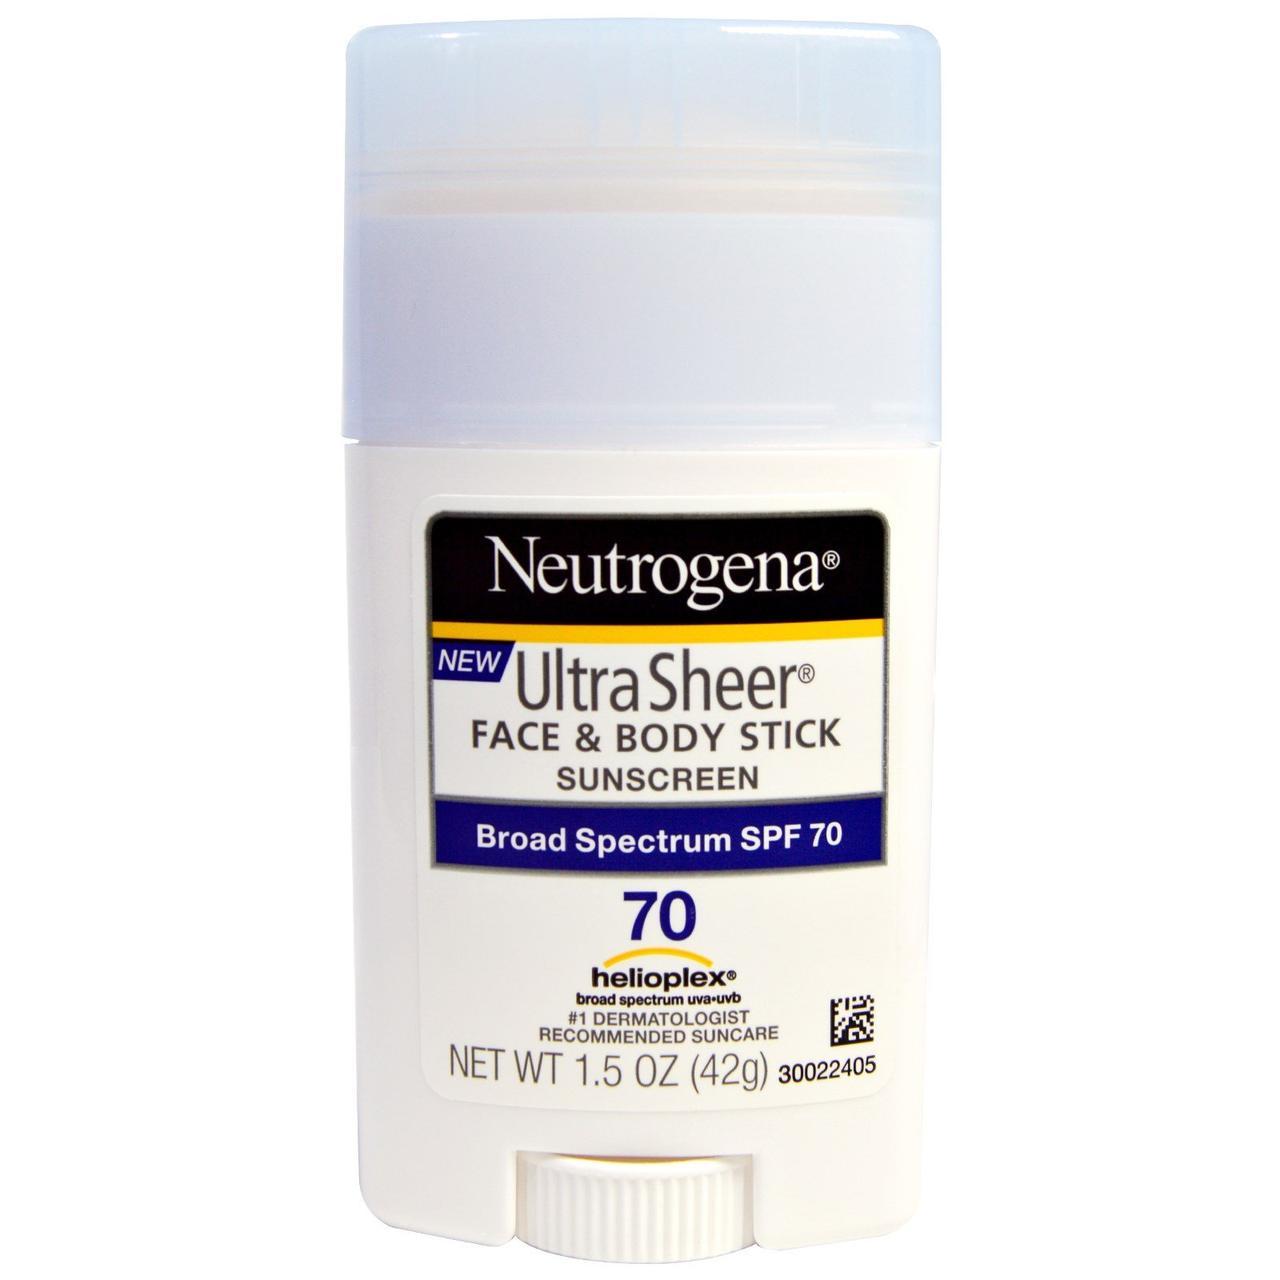 Neutrogena, Ультратонкий карандаш для лица и кожи – солнцезащитный крем, фактор защиты от солнца SPF 70, 1,5 унции (42 г)